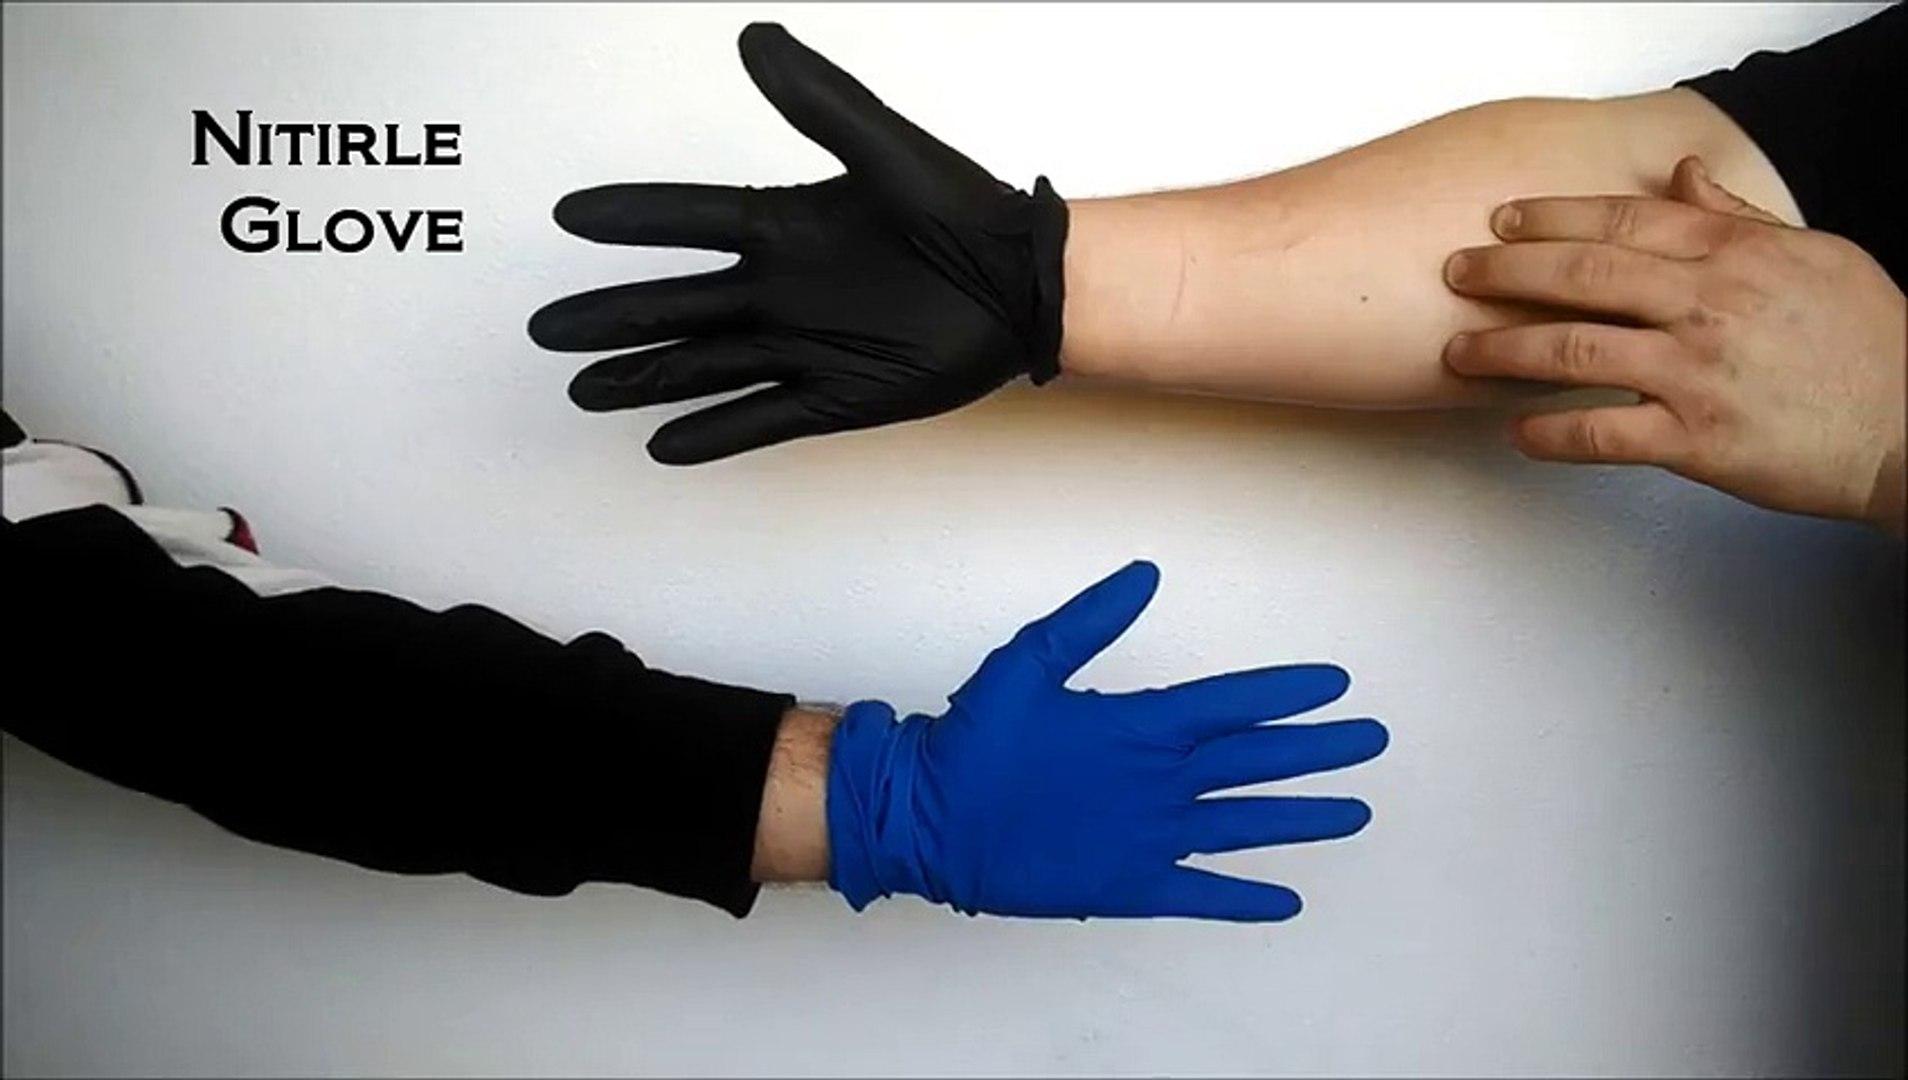 Găng tay cao su, găng tay latex, găng tay nitrile - Giá rẻ nhất thị trường